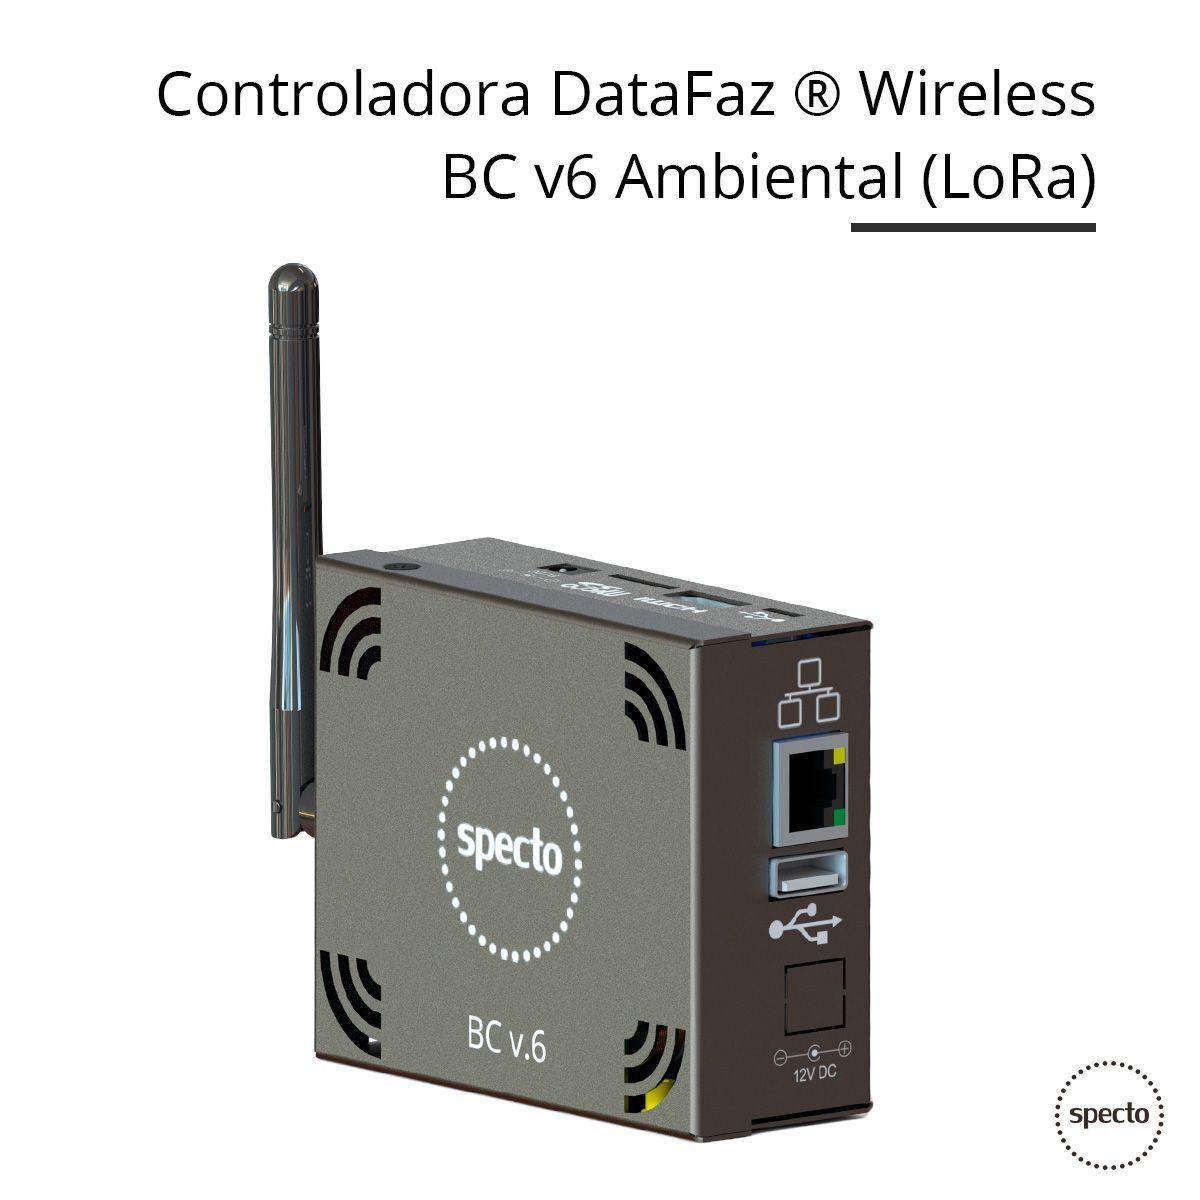 DataFaz ® UNITY WIRELESS - Temperatura, Umidade e Fumaça (Locação)  -  Specto Tecnologia